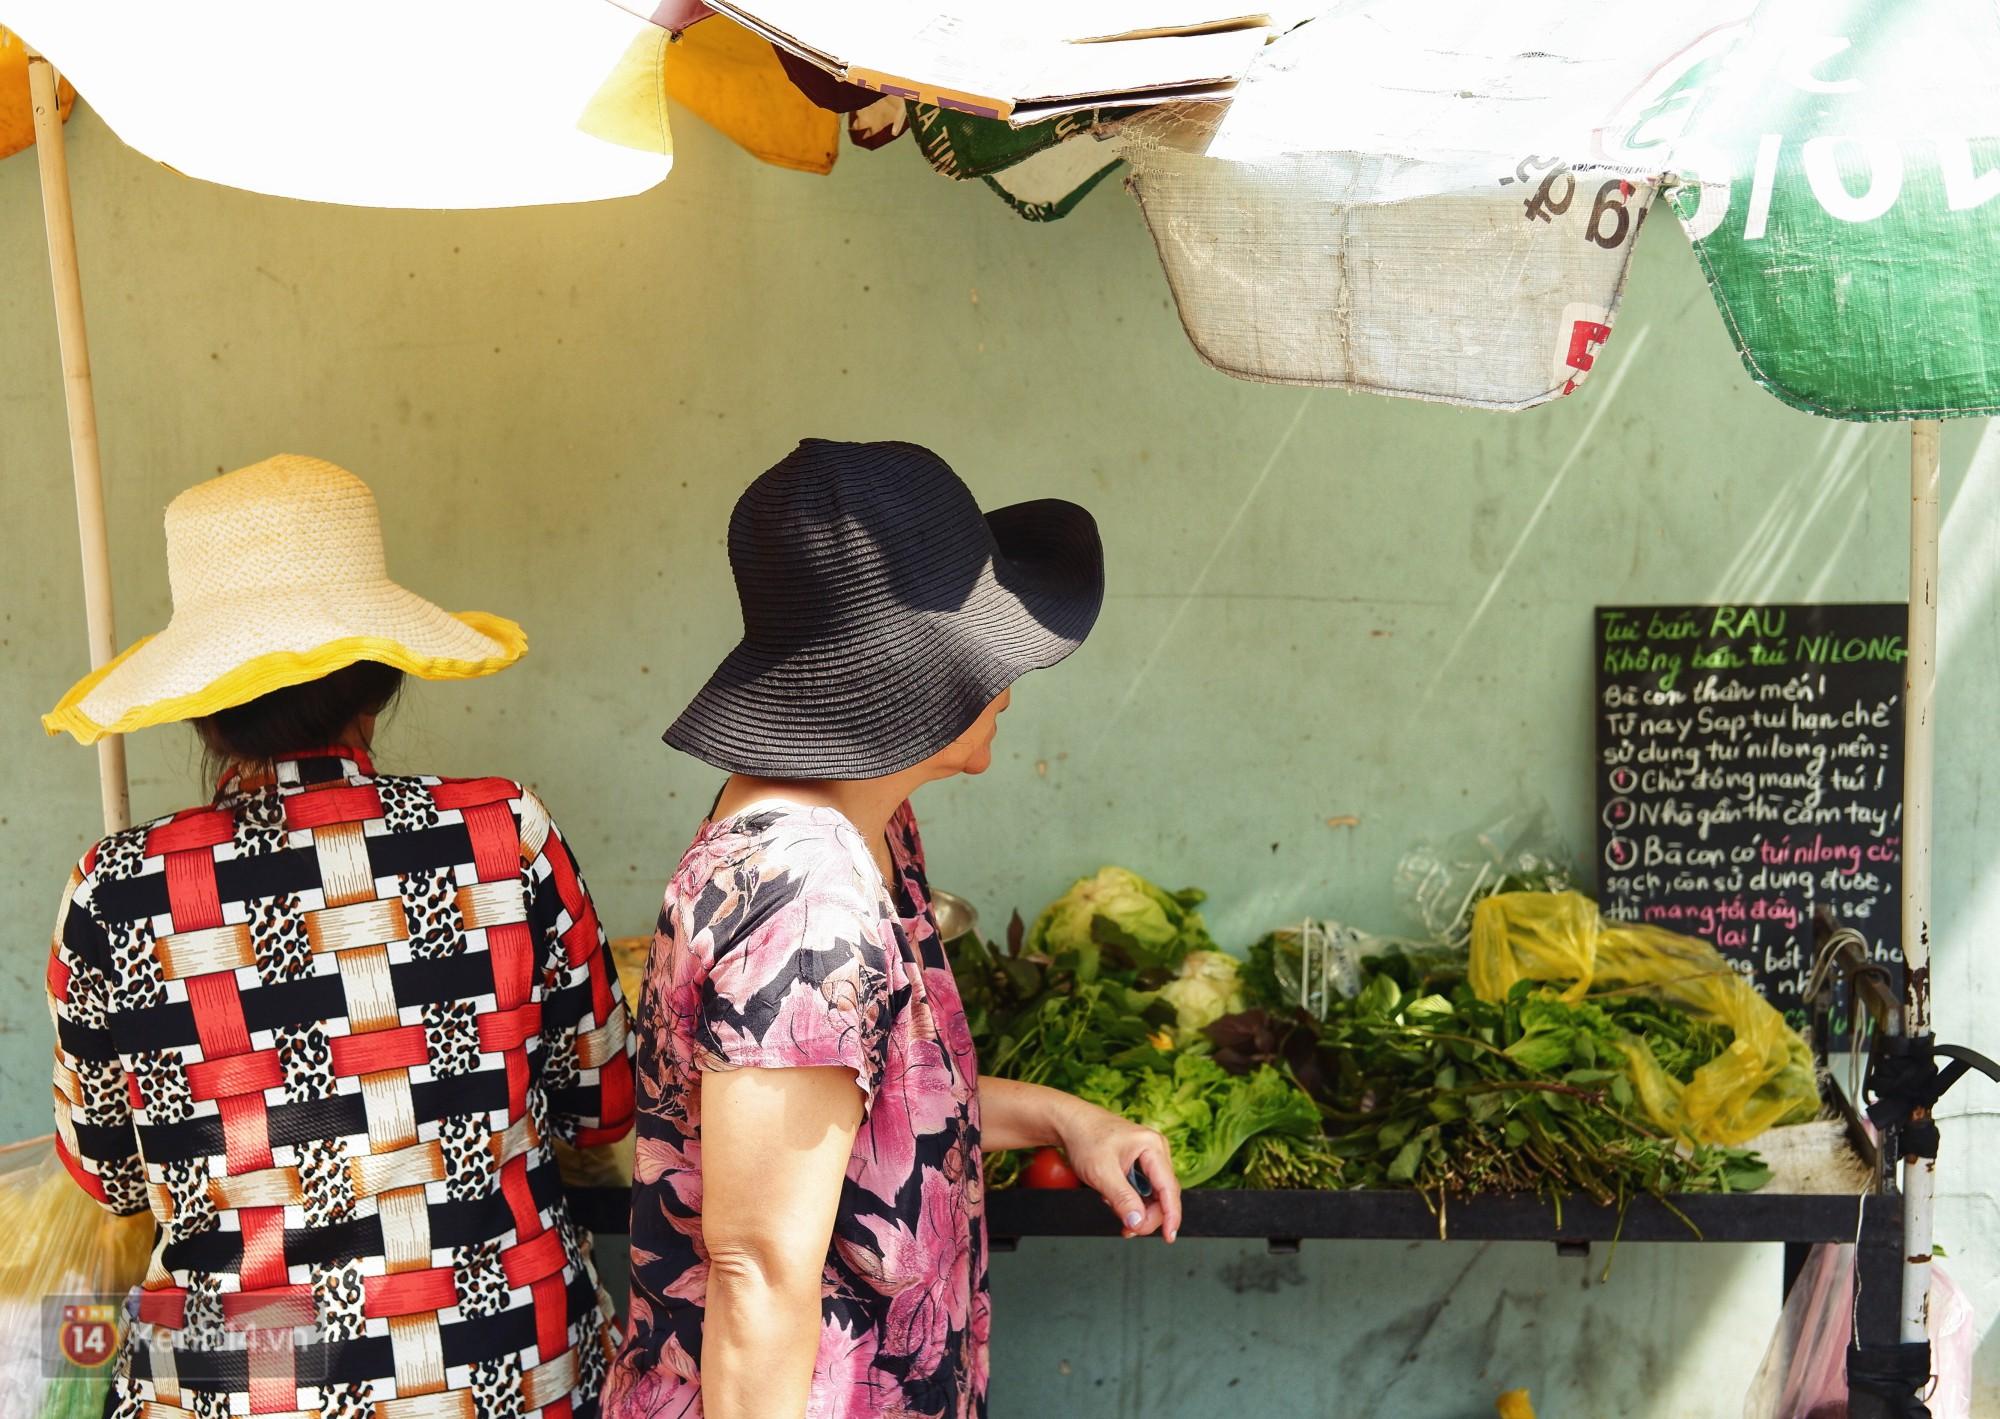 Gặp cô bán rau vui tính ở Sài Gòn với tấm bảng không bán túi nilon: Nhiều khách bảo cô làm trò xàm xí! - Ảnh 8.